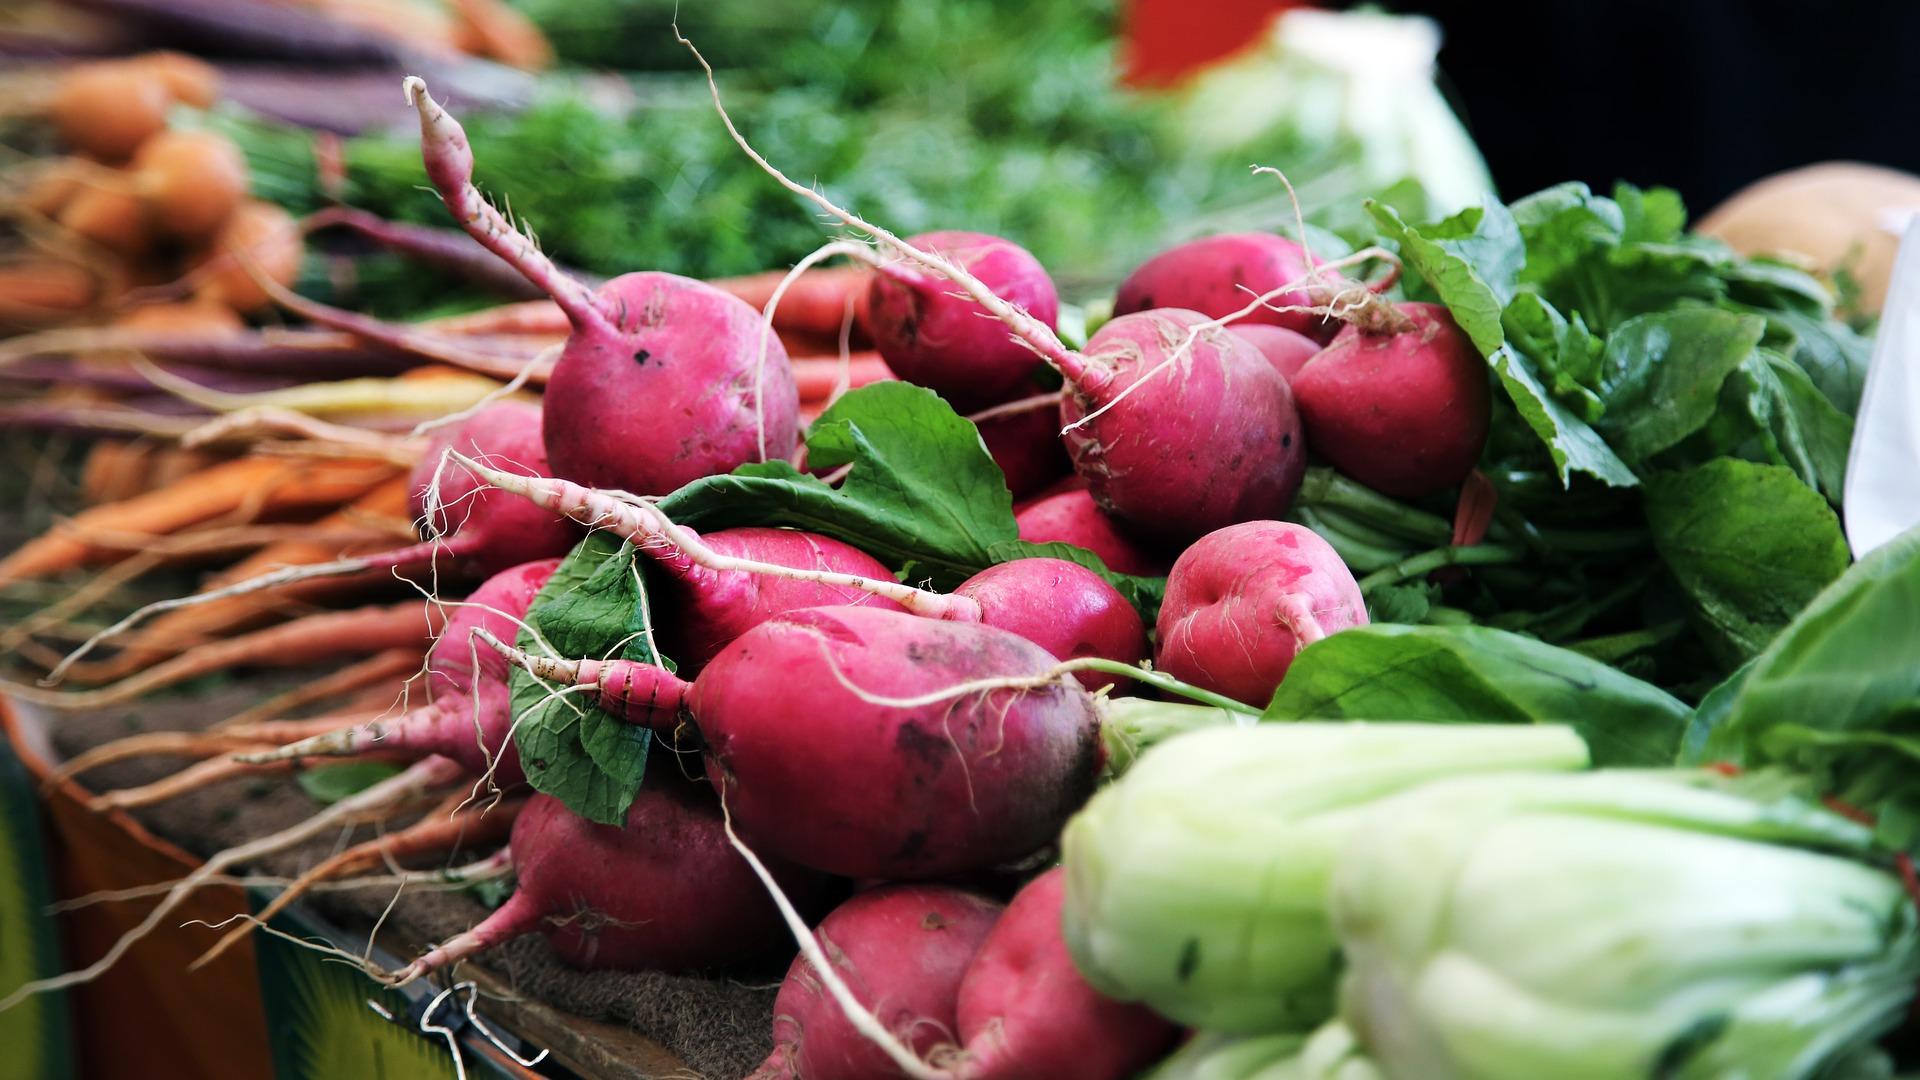 vegetables-2211336_1920